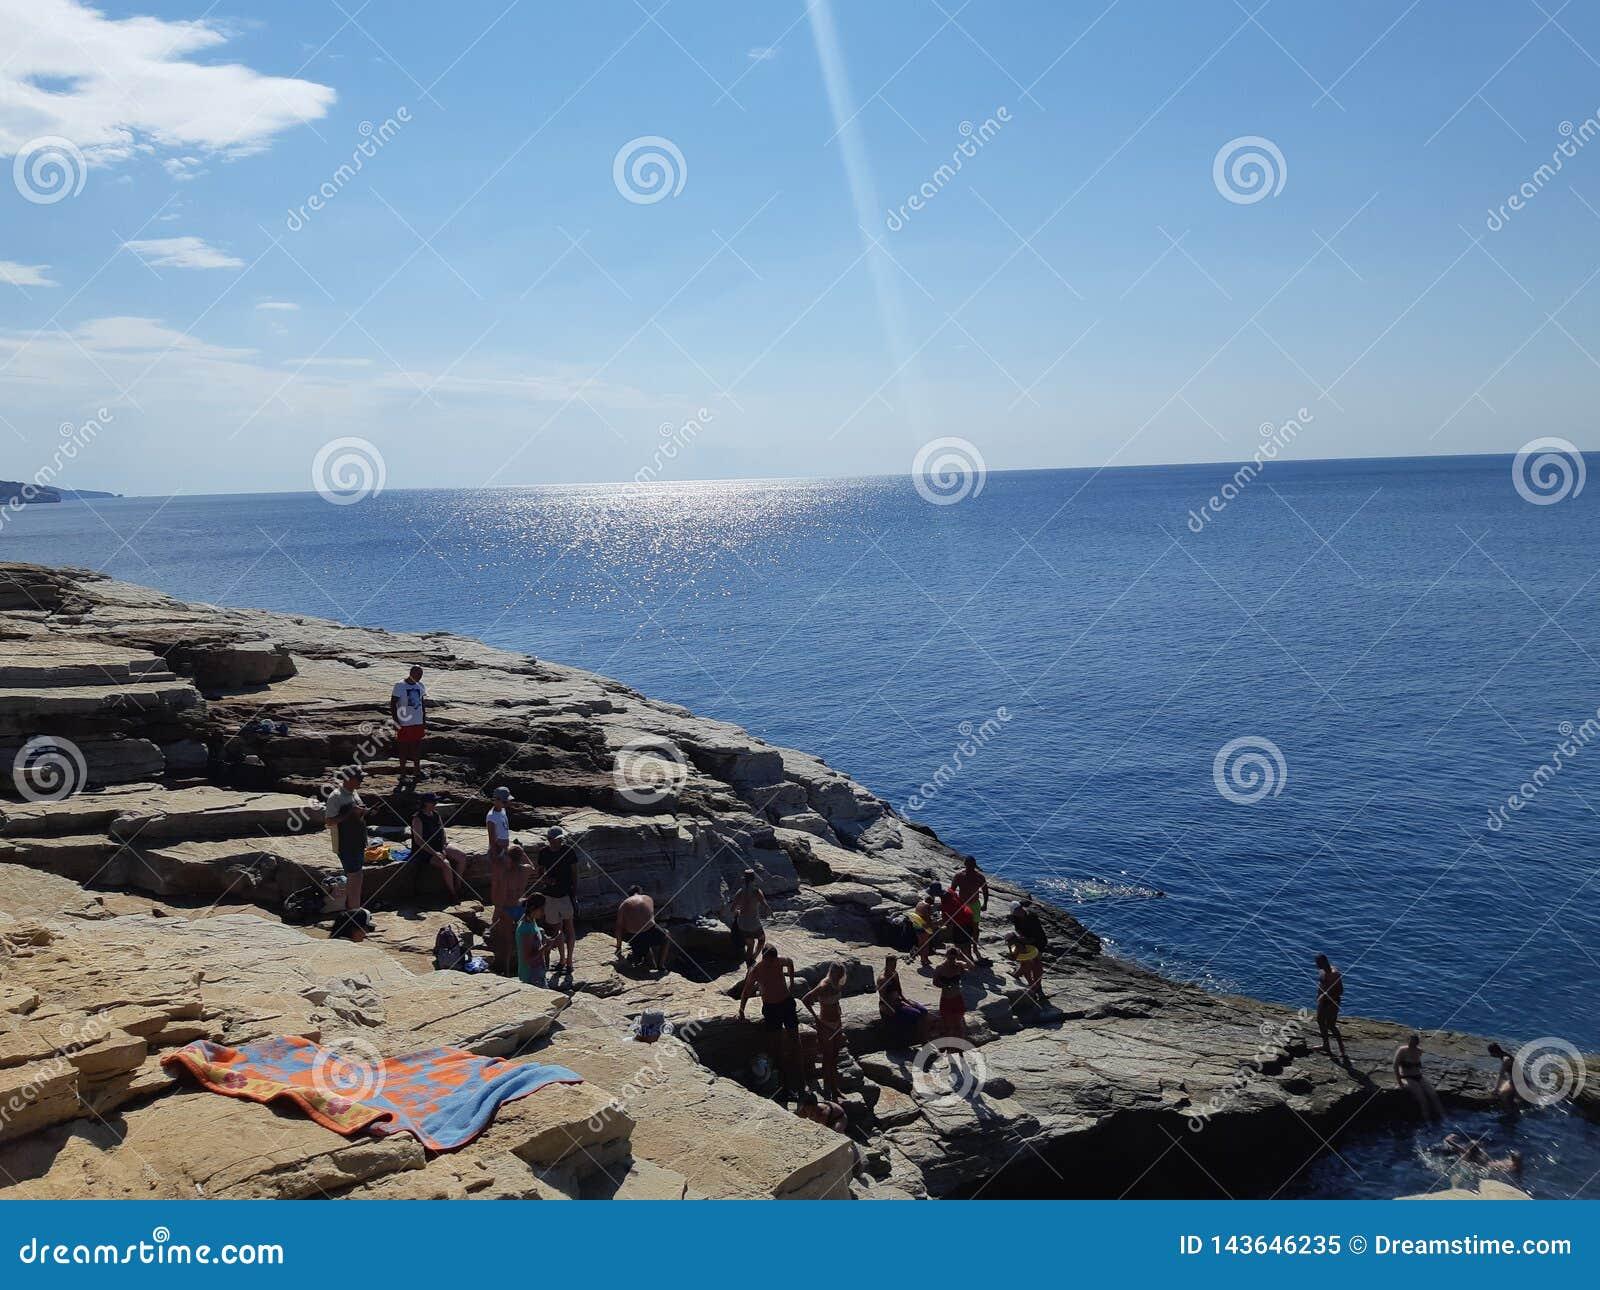 O verão, vibrações, praia, mar, sol, relaxa, céu, curso, greece, ilha, amor, manhã